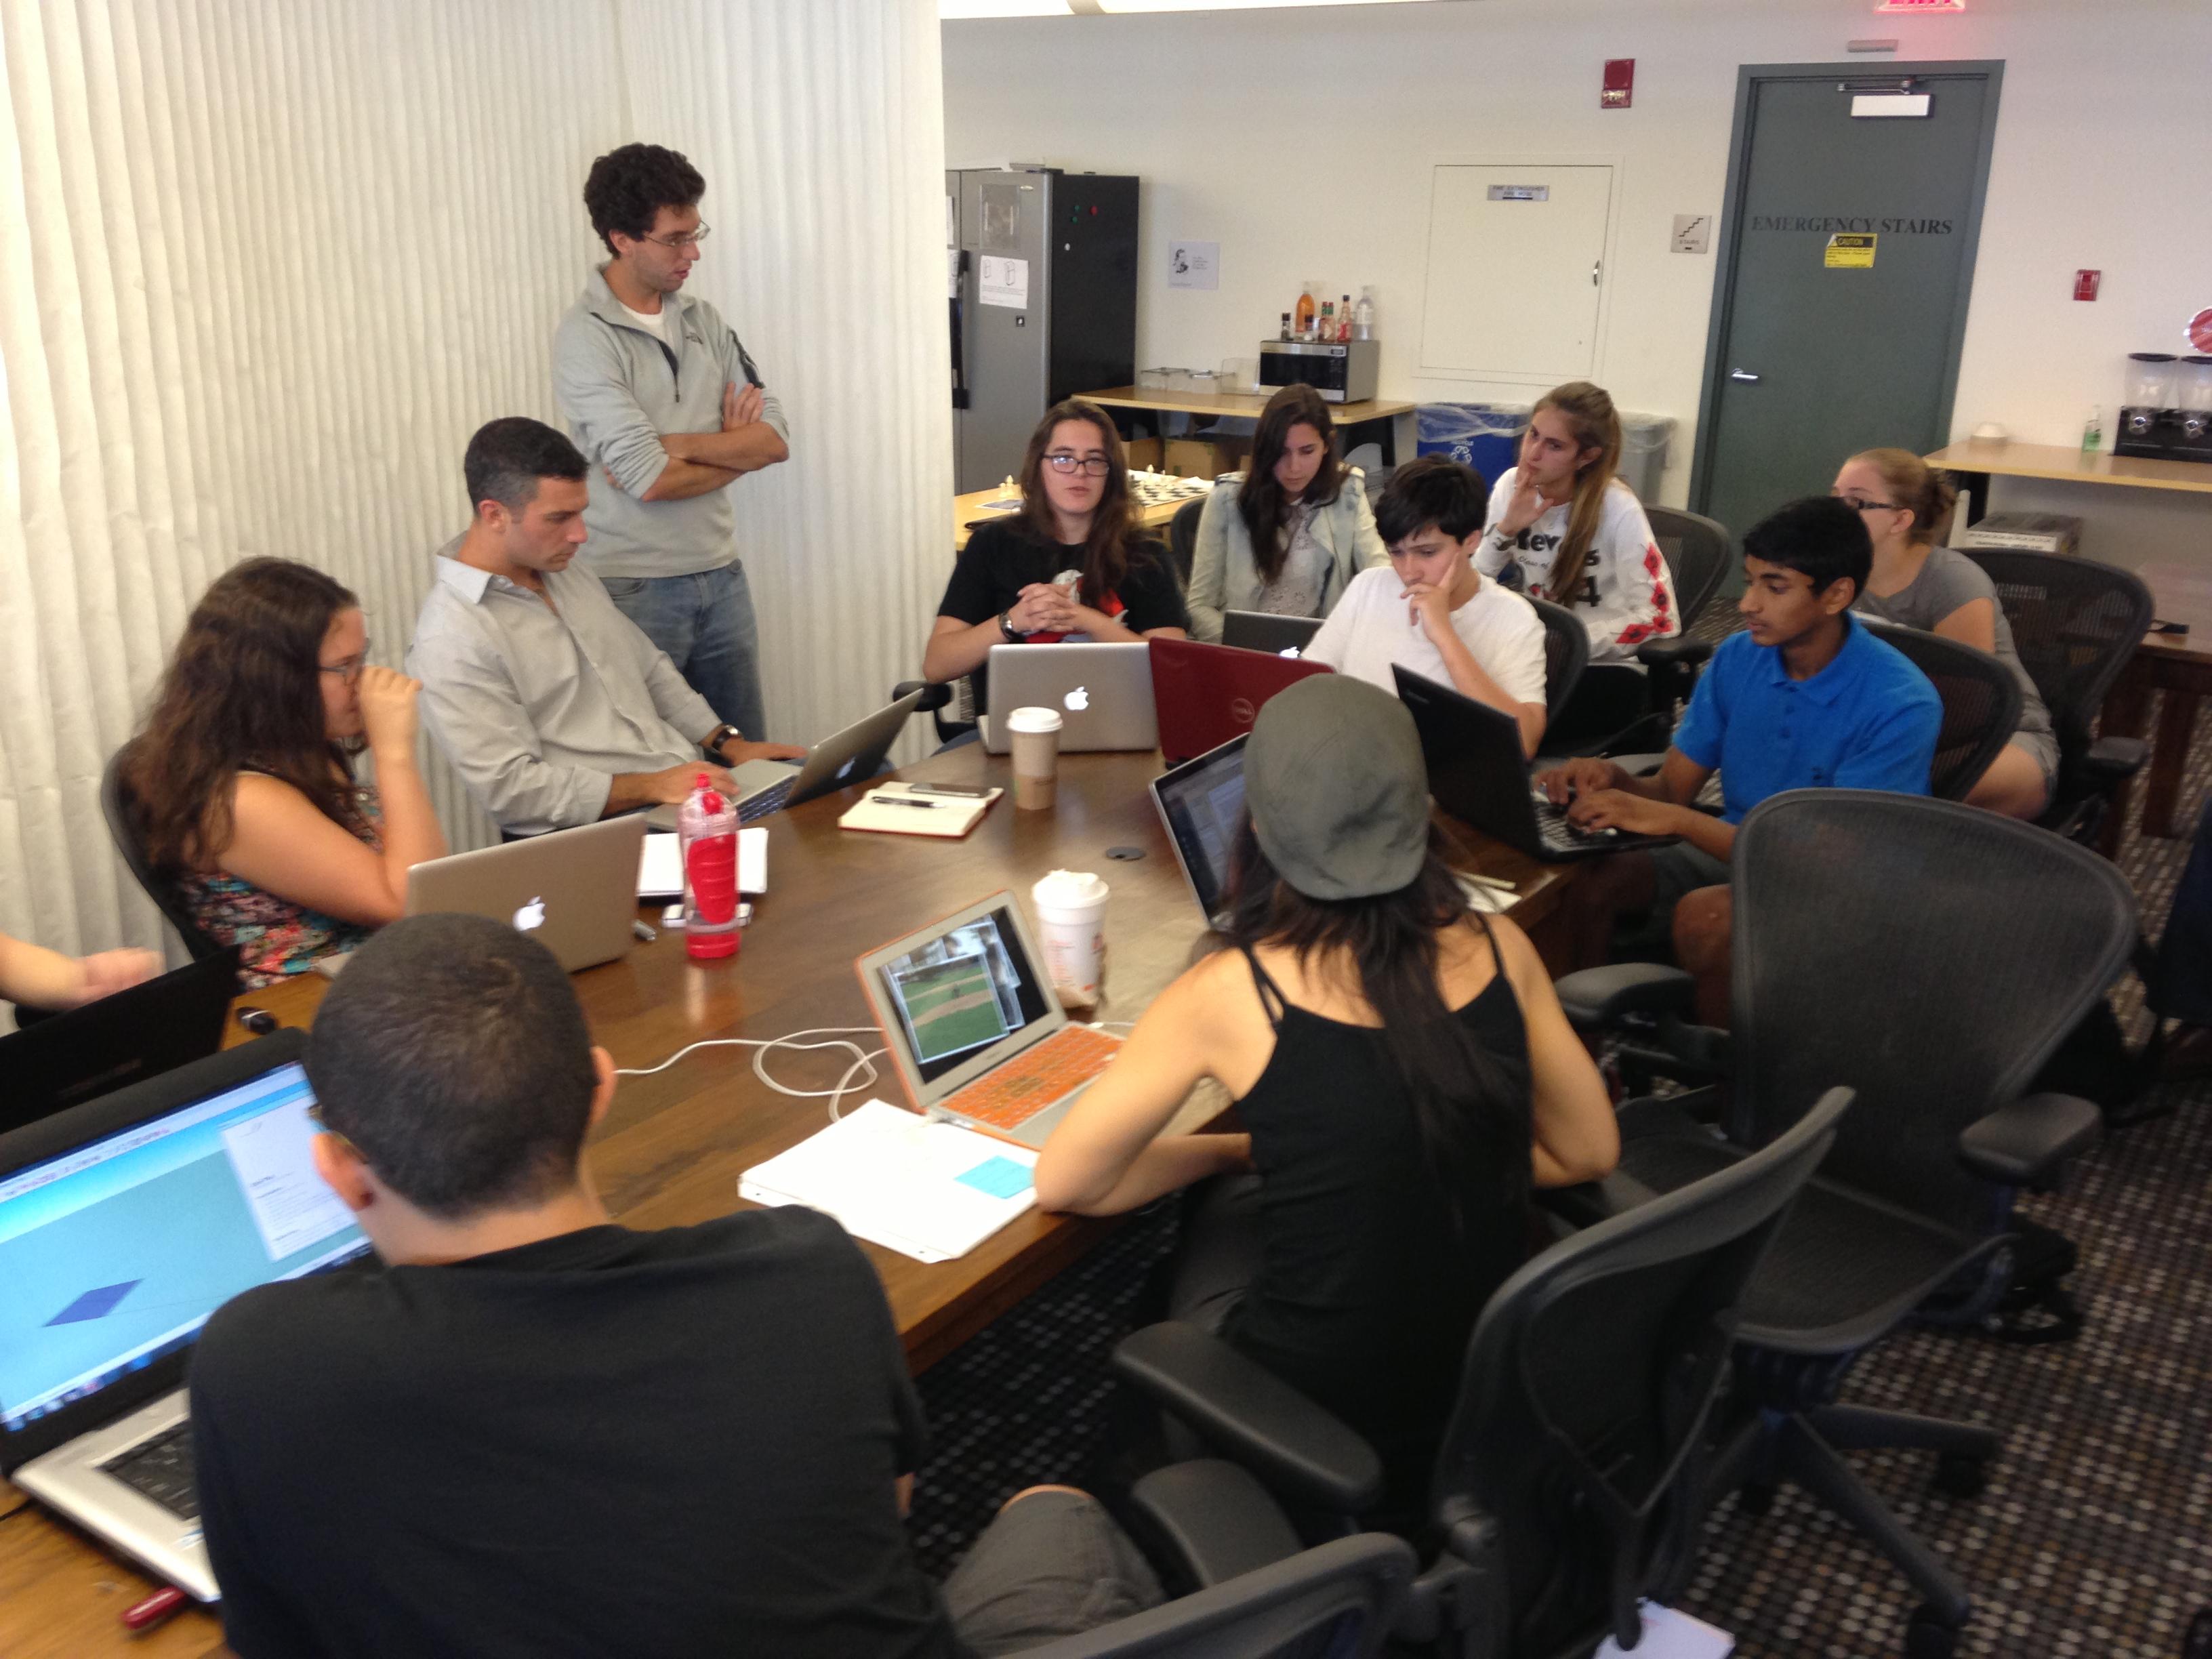 summer-skunkworks-group-mentor-peer_0